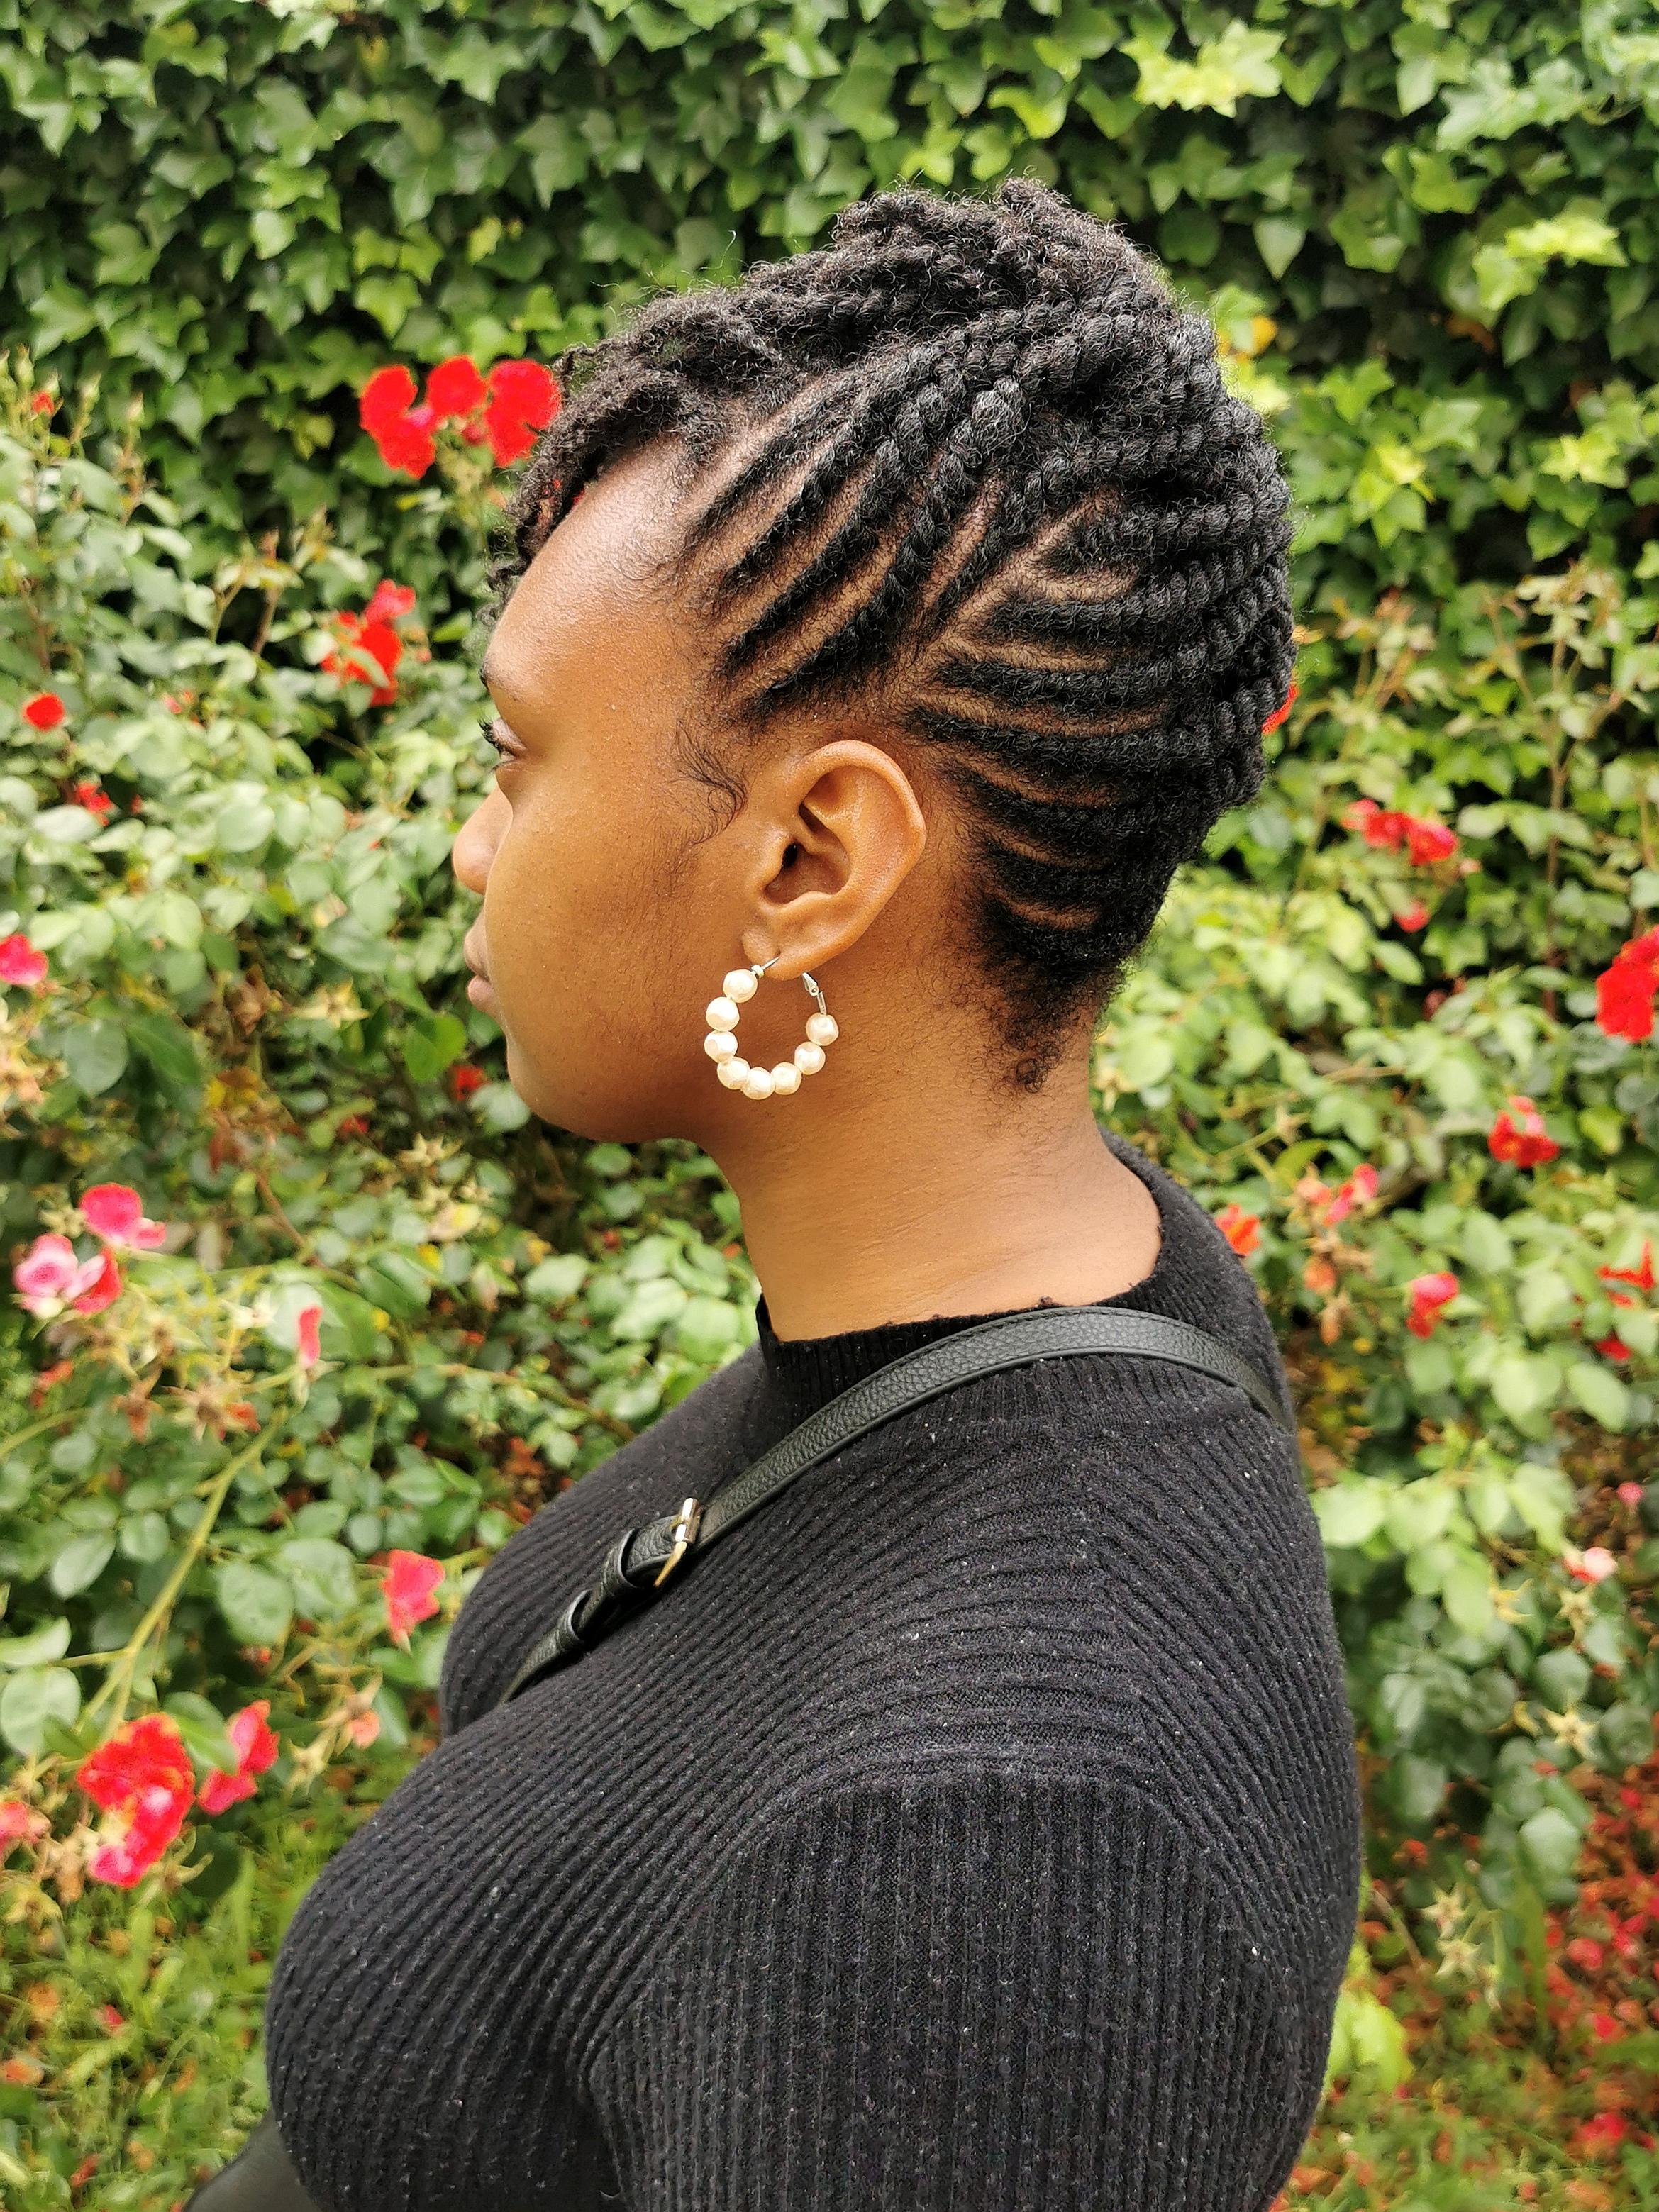 salon de coiffure afro tresse tresses box braids crochet braids vanilles tissages paris 75 77 78 91 92 93 94 95 UAXQKSBW